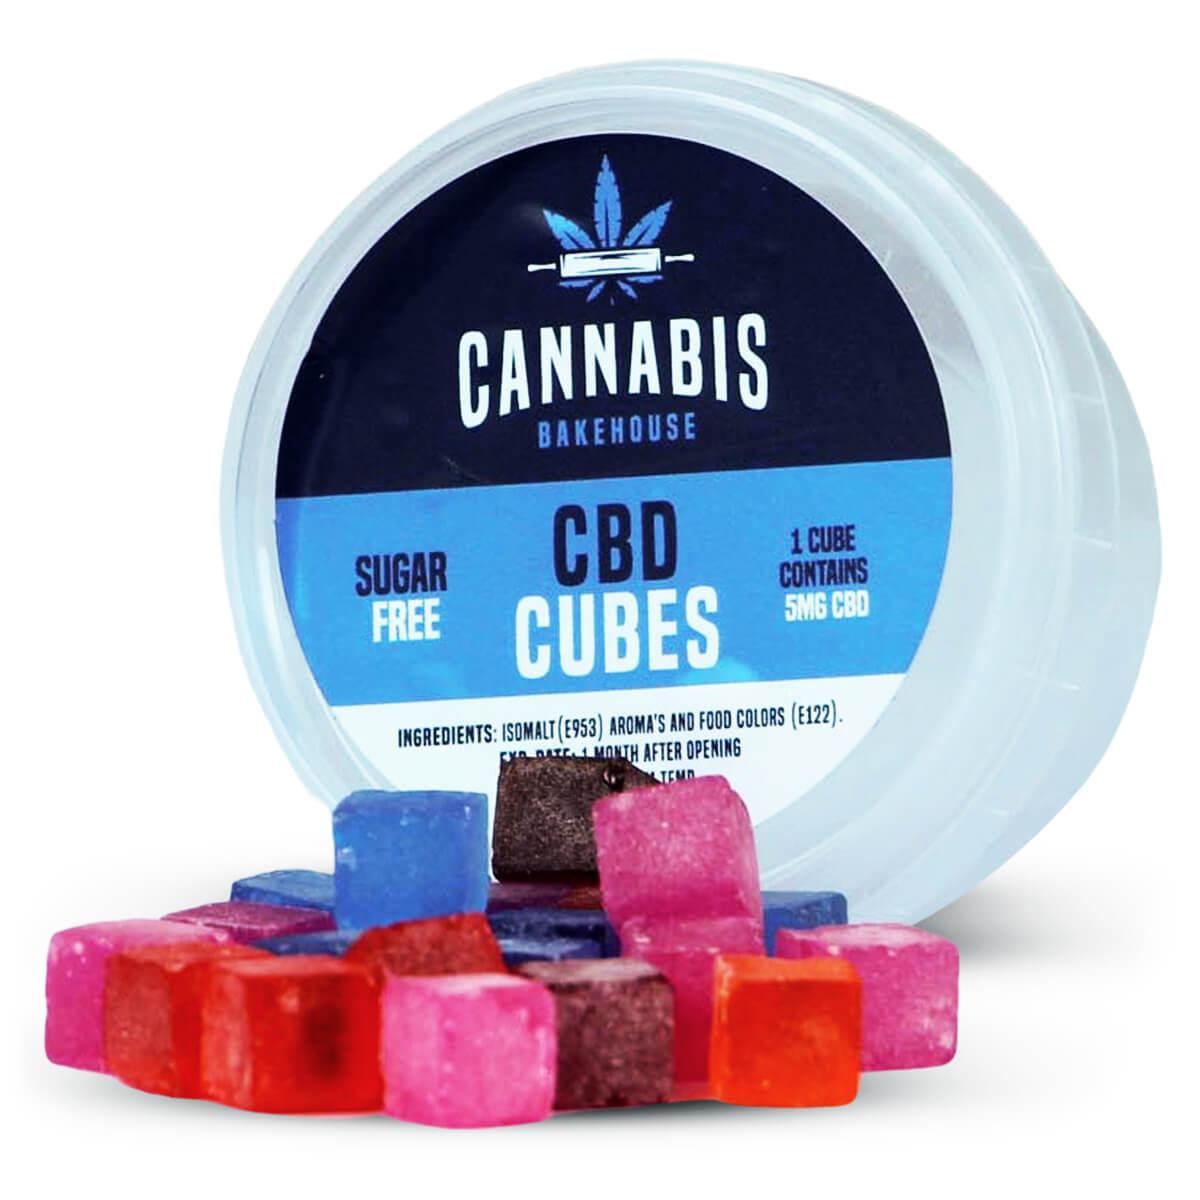 CBD-Cubes-Mix CBD-Natural